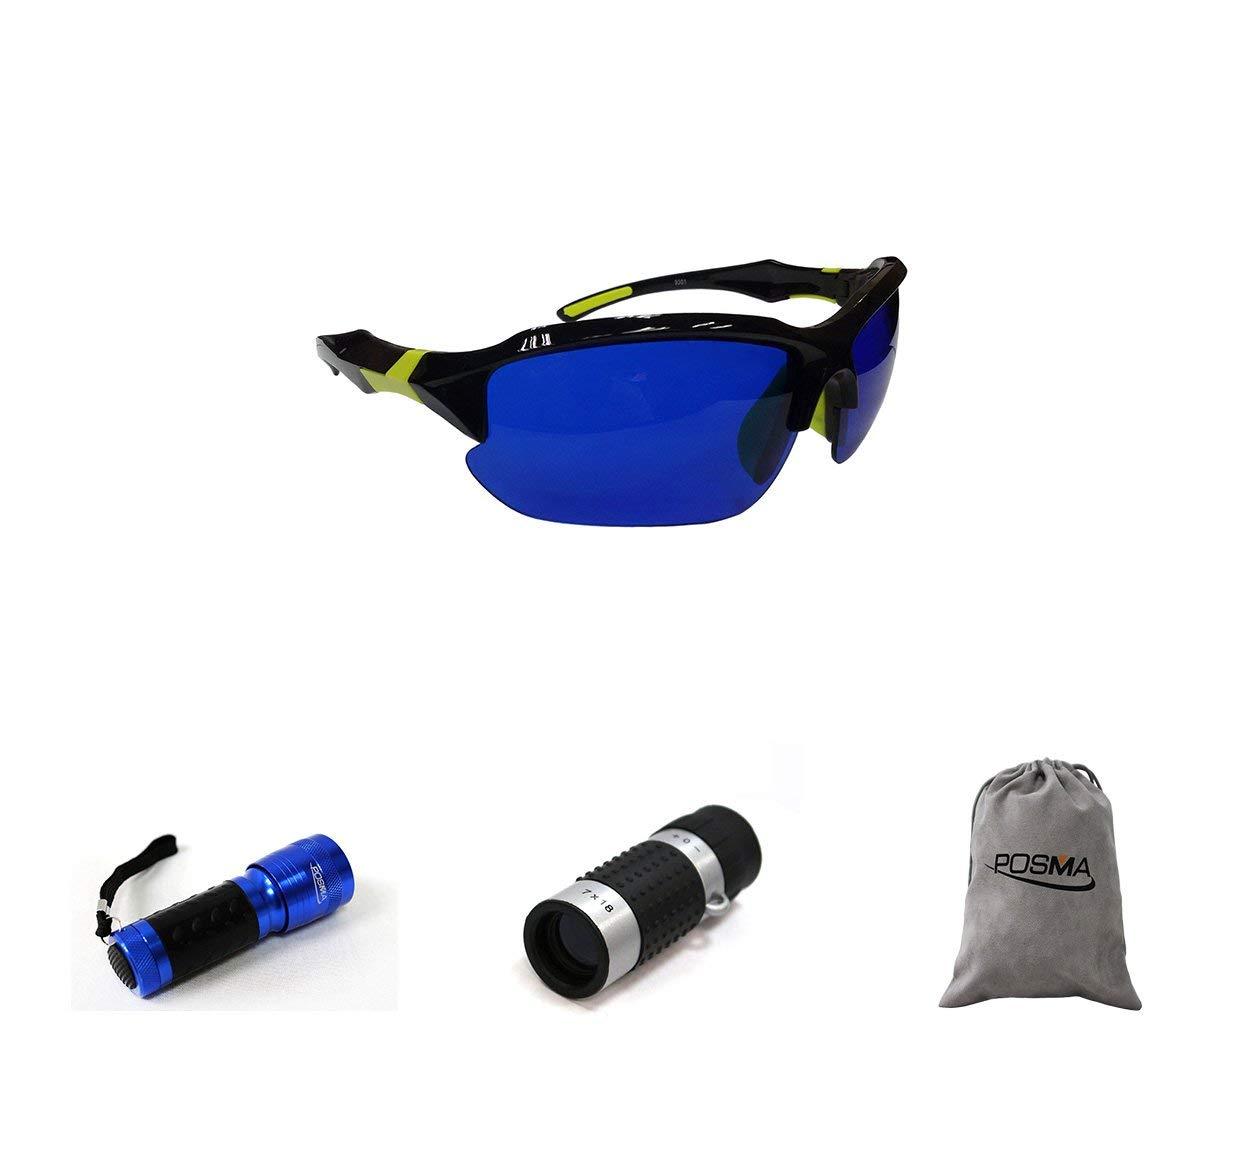 POSMA SGG-050D Golf Ball Finder Glasses Bundle Set with Golf Ball Finder Torch Ultraviolet UV Flashlight + Golf Rangefinder High Definition Mini Monocular Pocket Scope Flannel Storage Bag